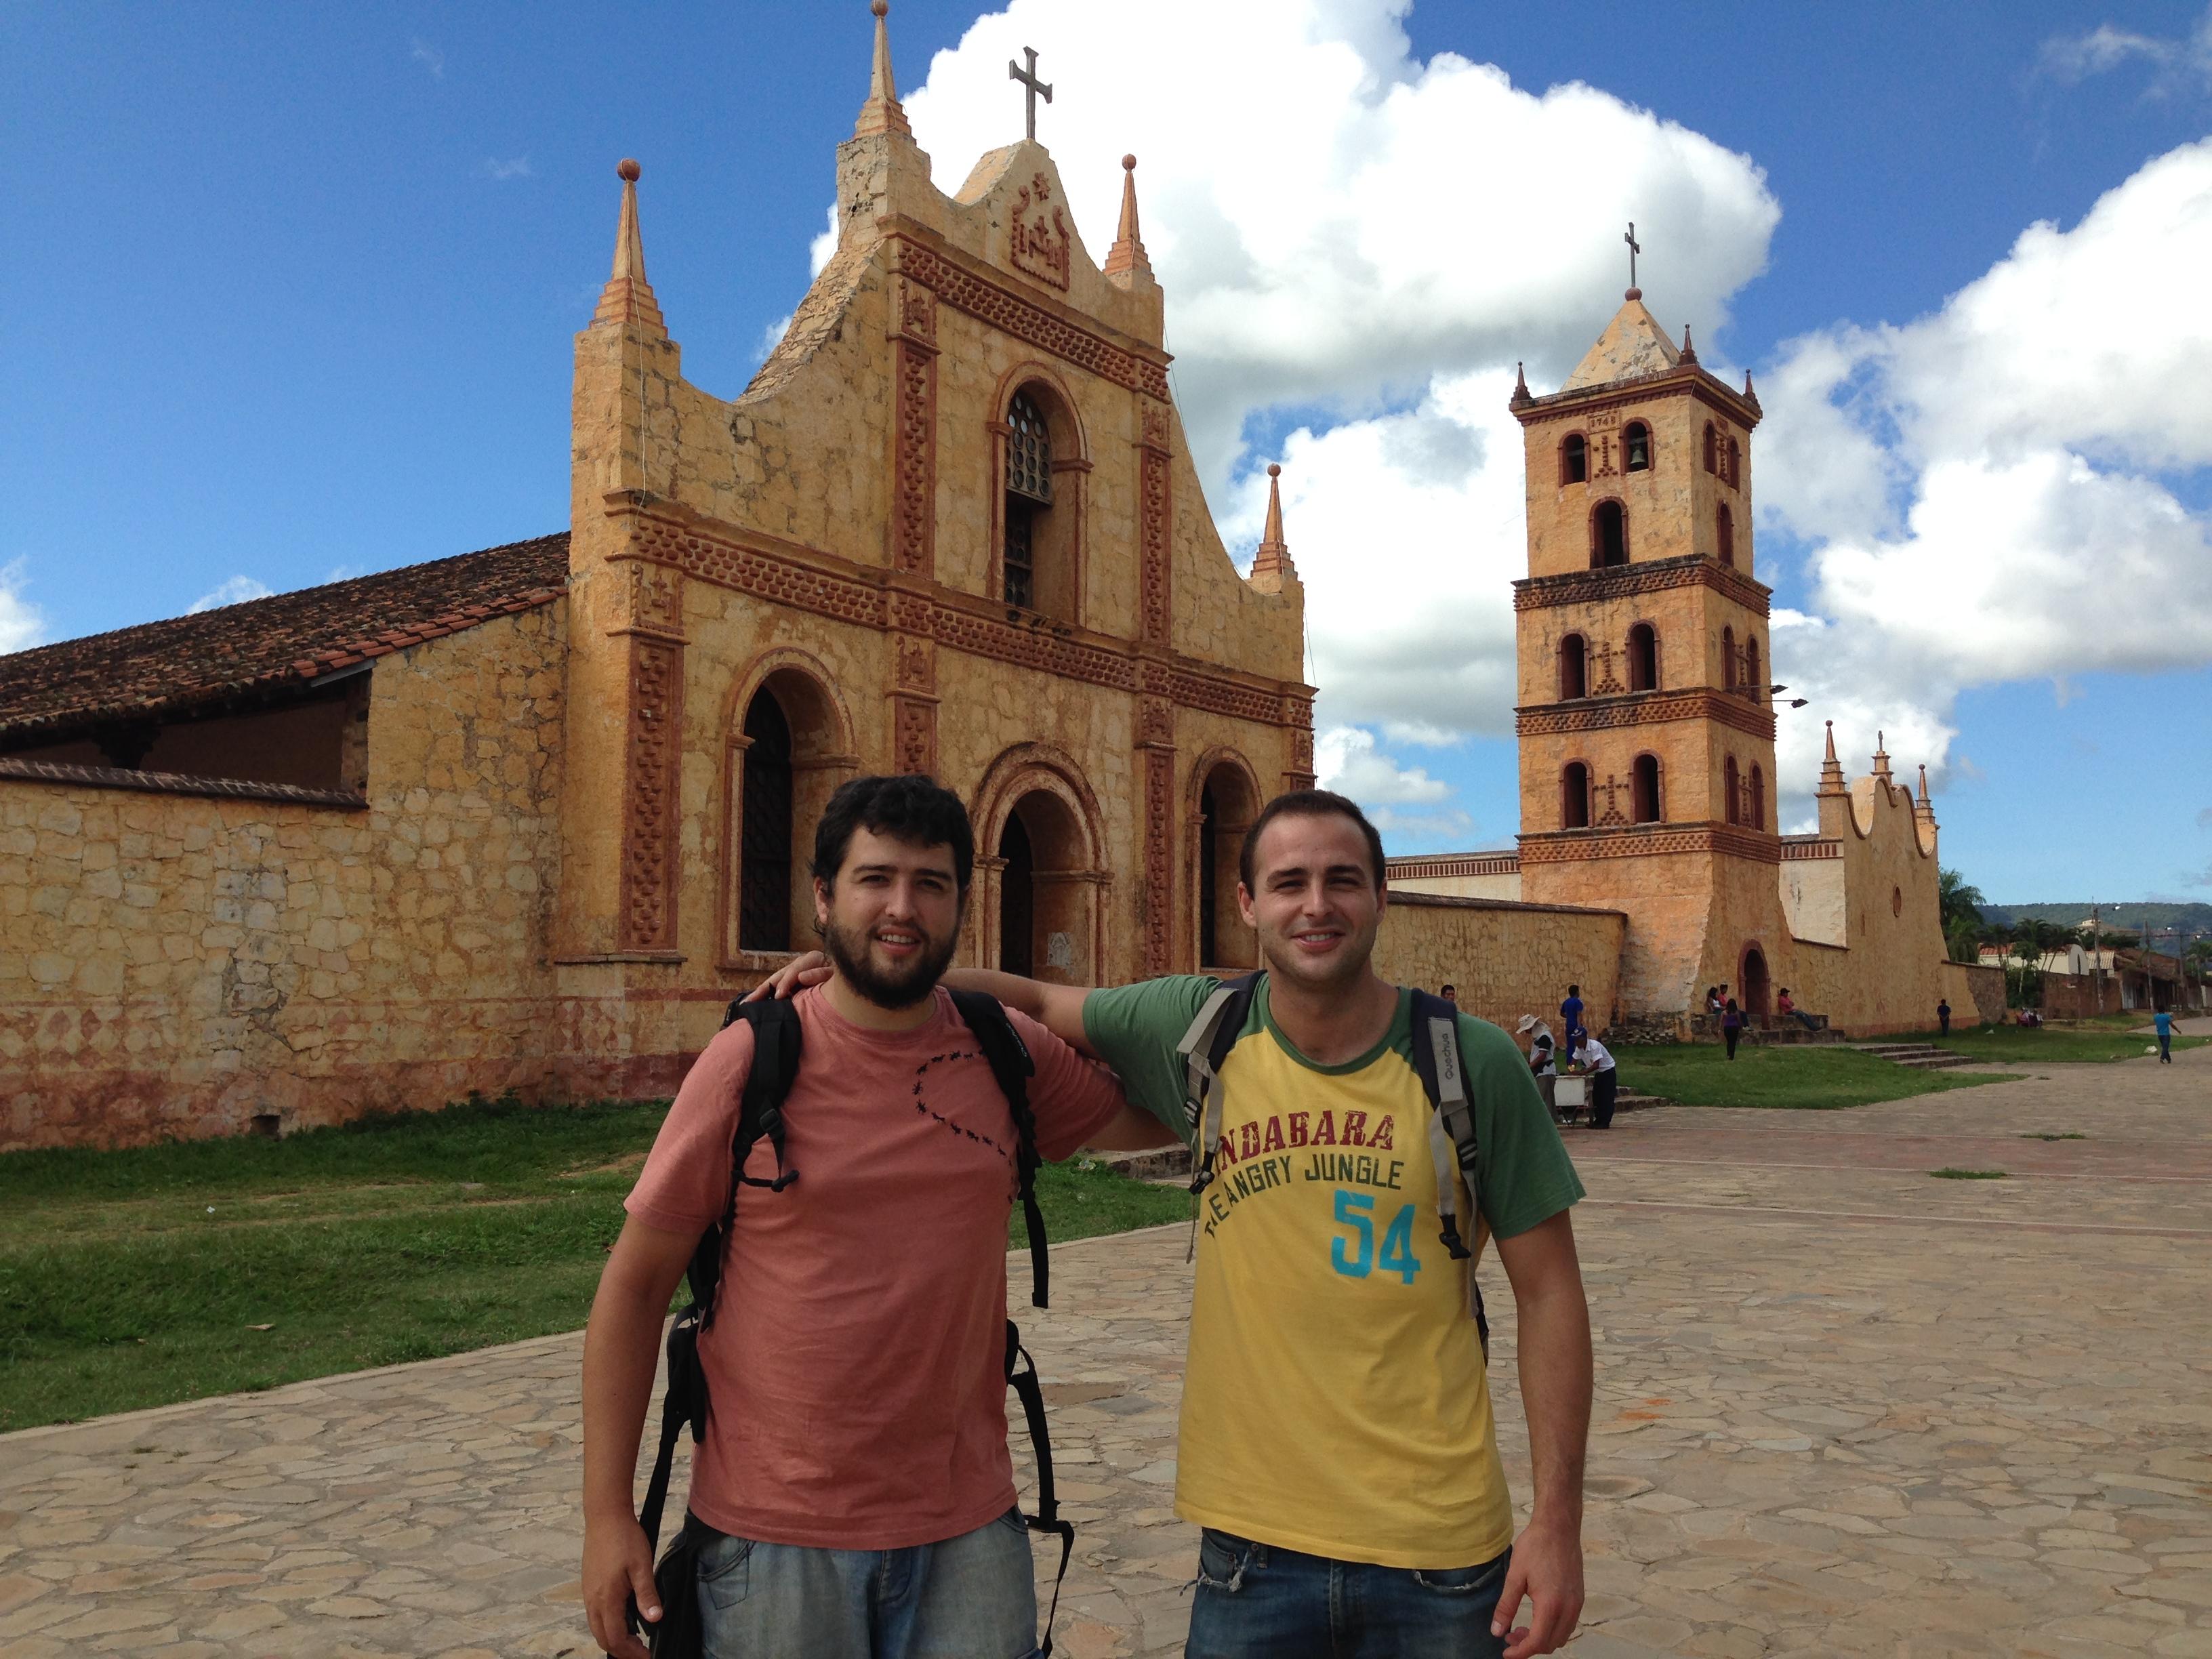 Con Jesús con la Iglesia de San José de Chiquitos de fondo